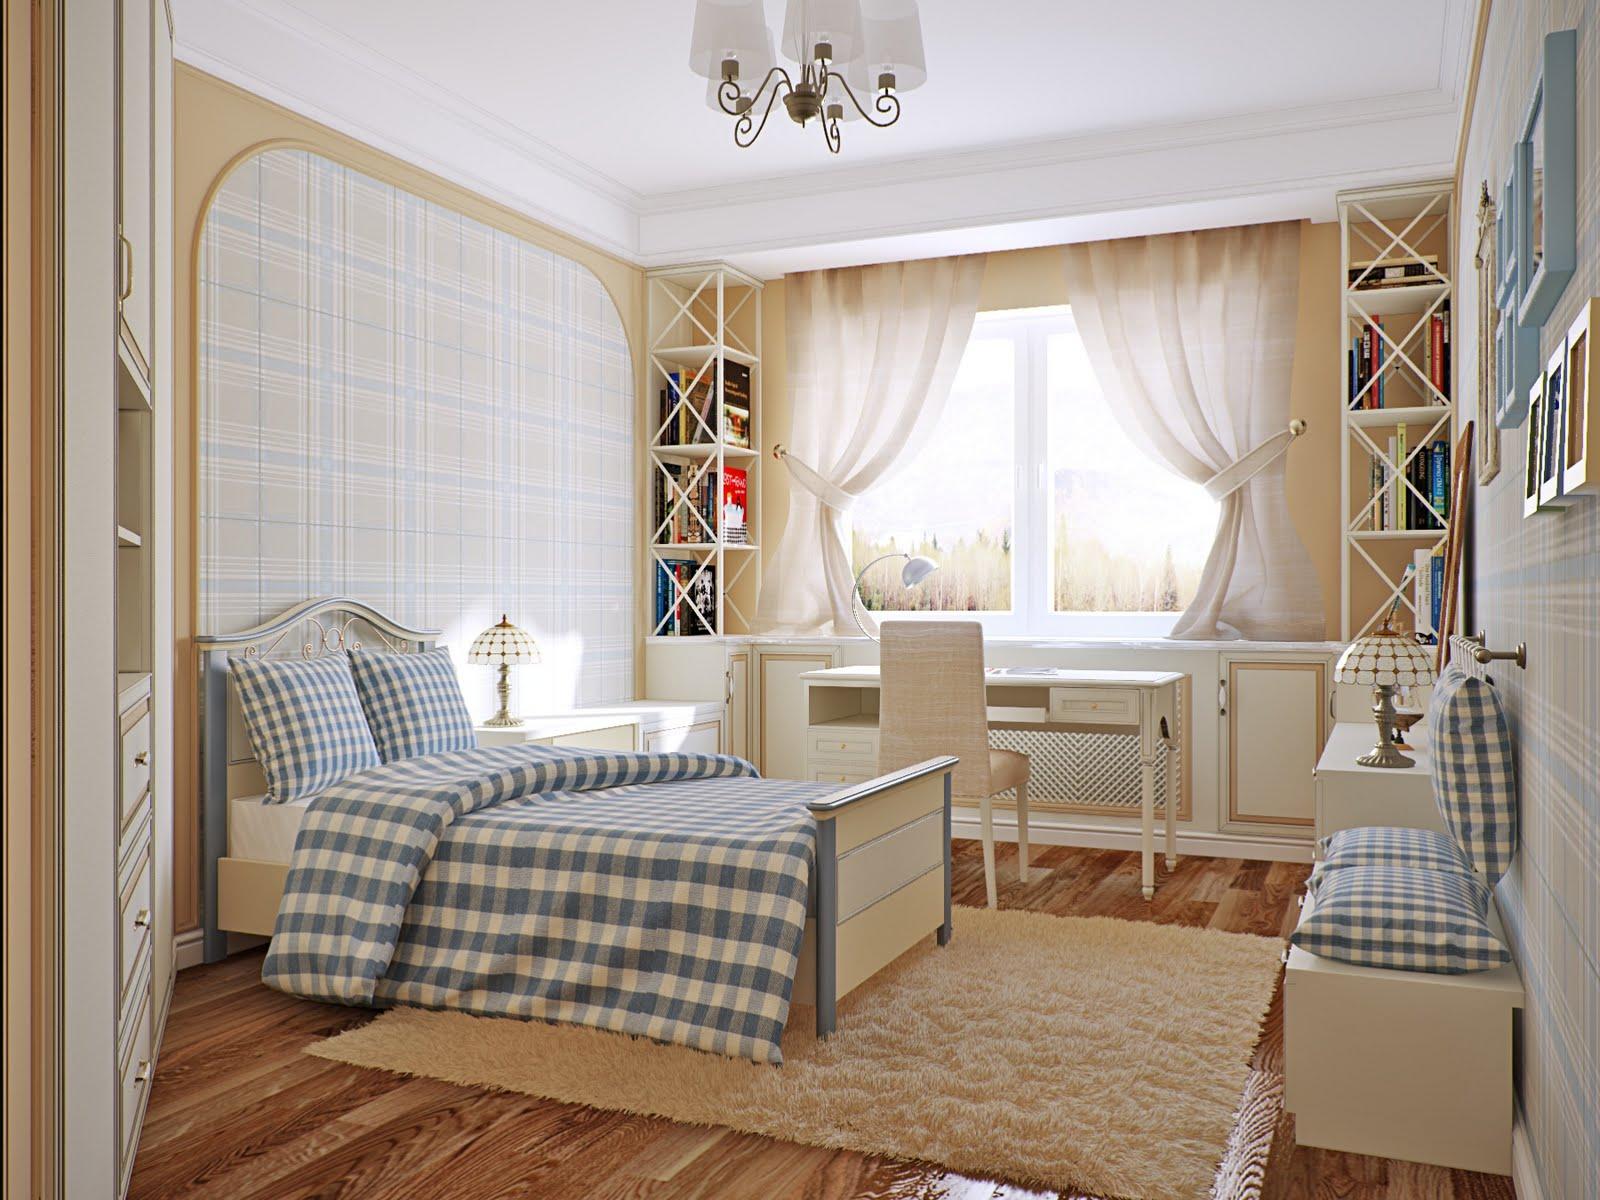 Интерьер комнаты с большом доме